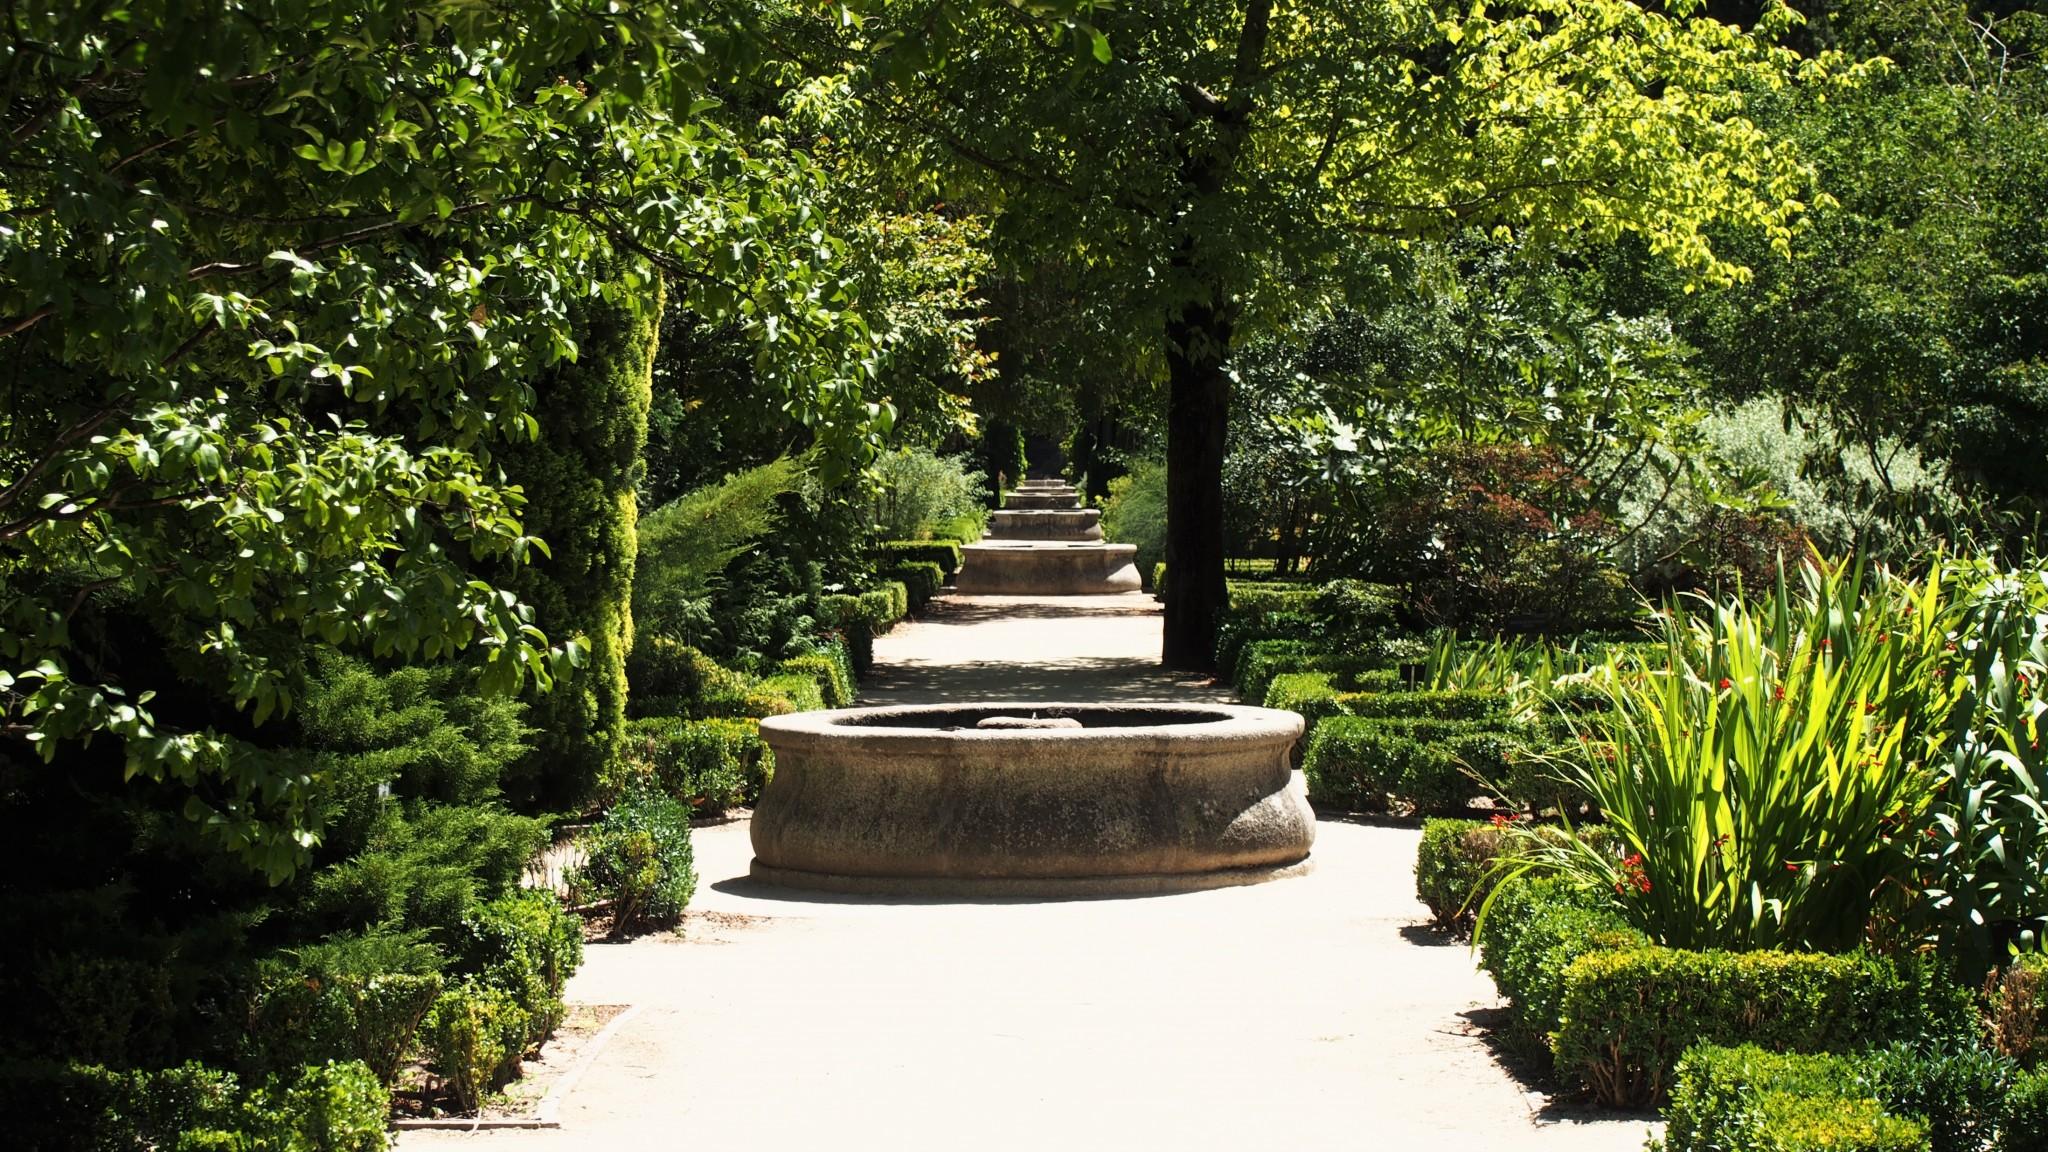 Real Jardin Botanico Mardid